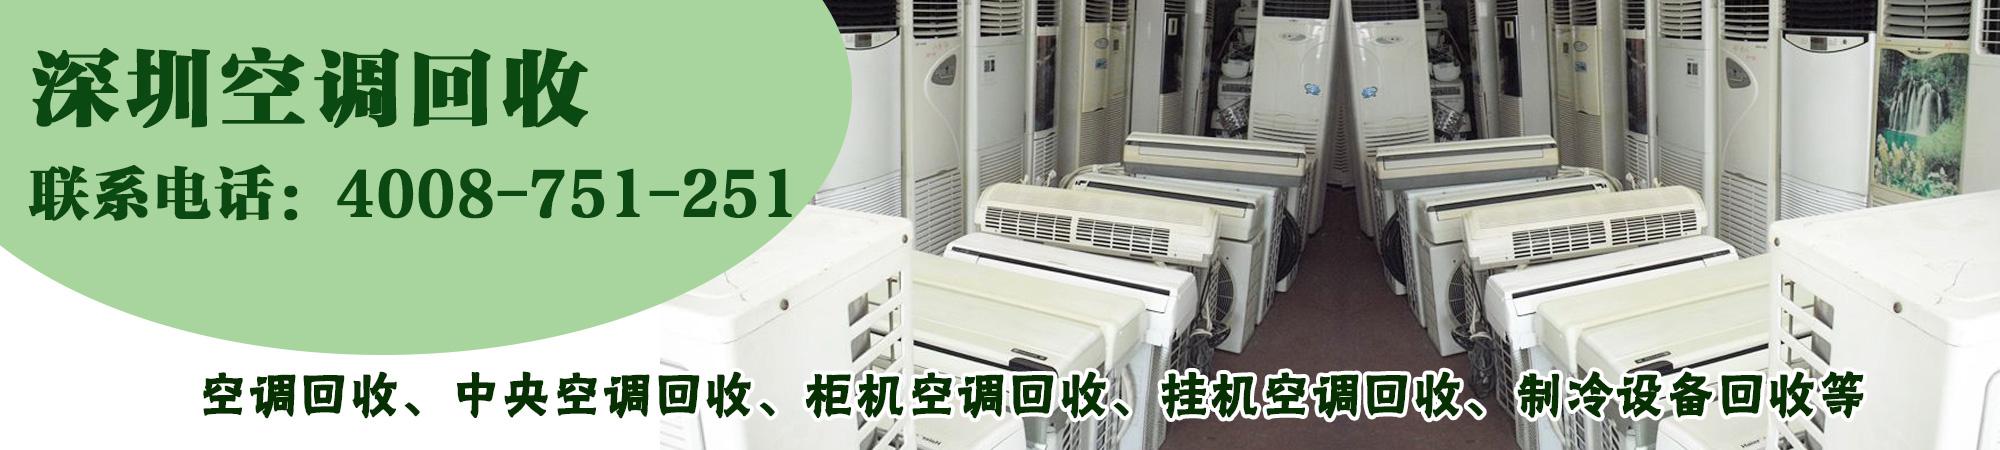 深圳回收中央空调